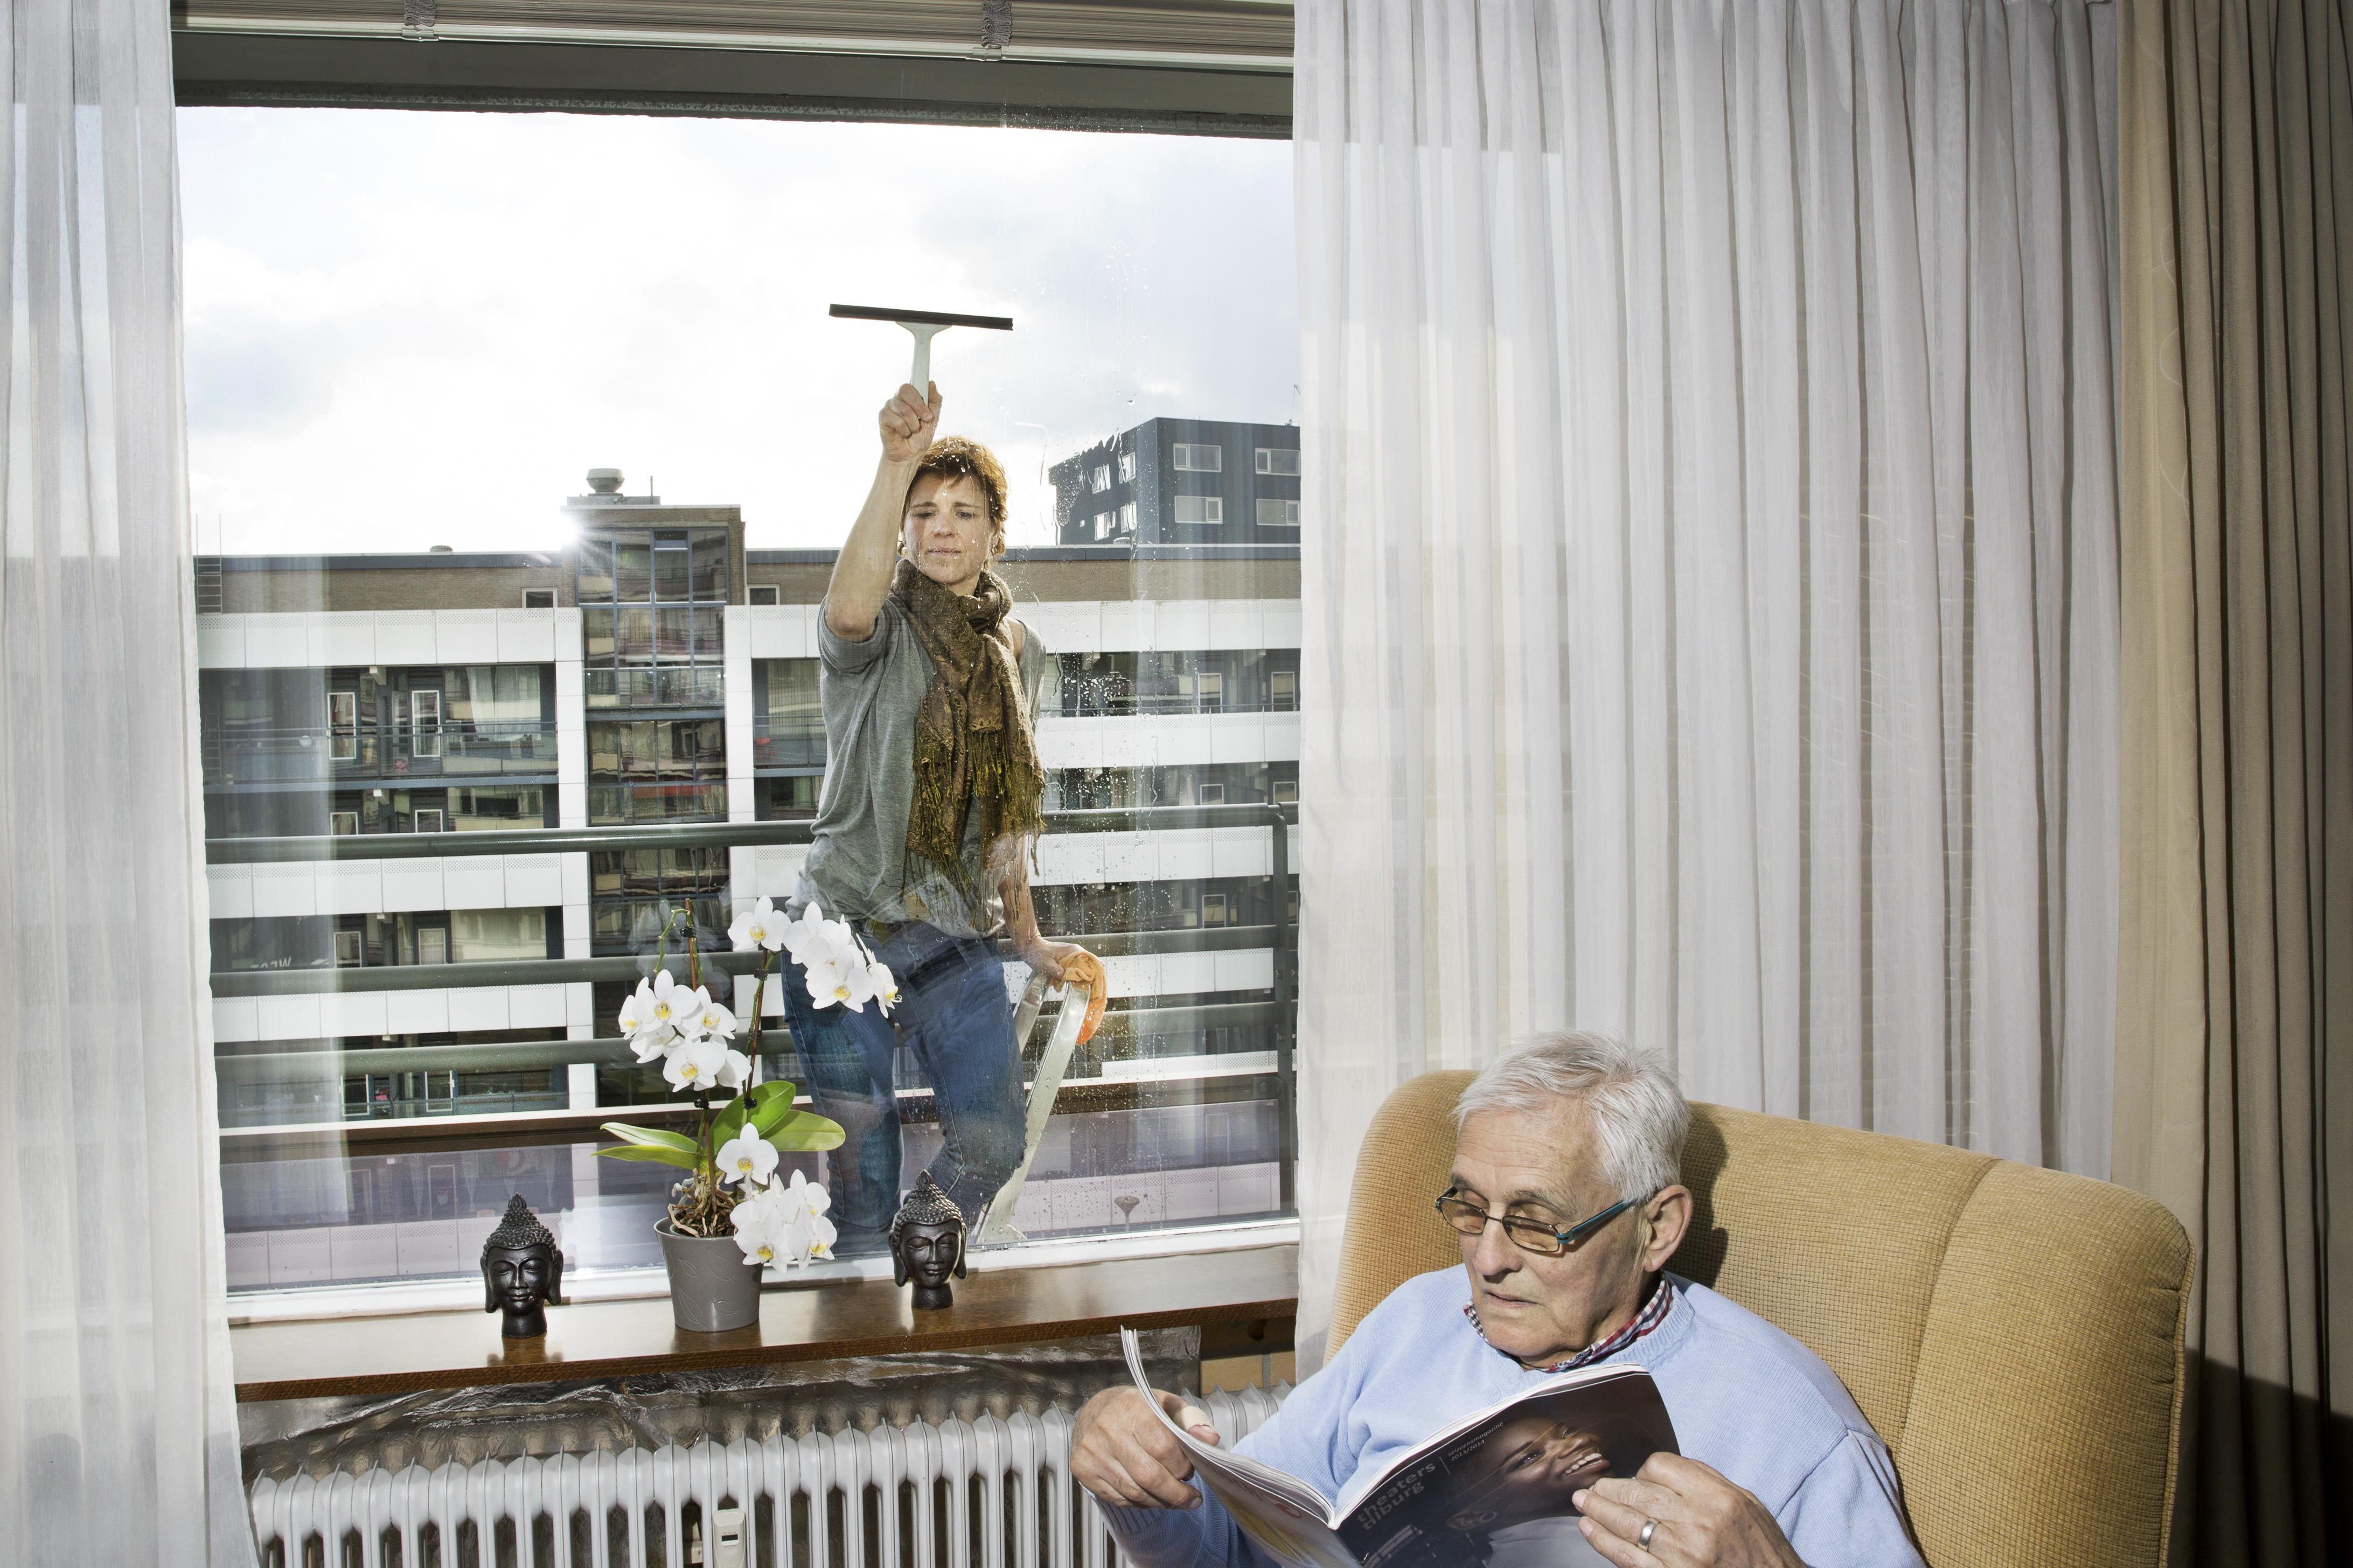 Zorginstanties Kennemerland vragen aandacht voor de woningnood bij zorgbehoevende ouderen: 'Er is een tekort van 2000 huizen'